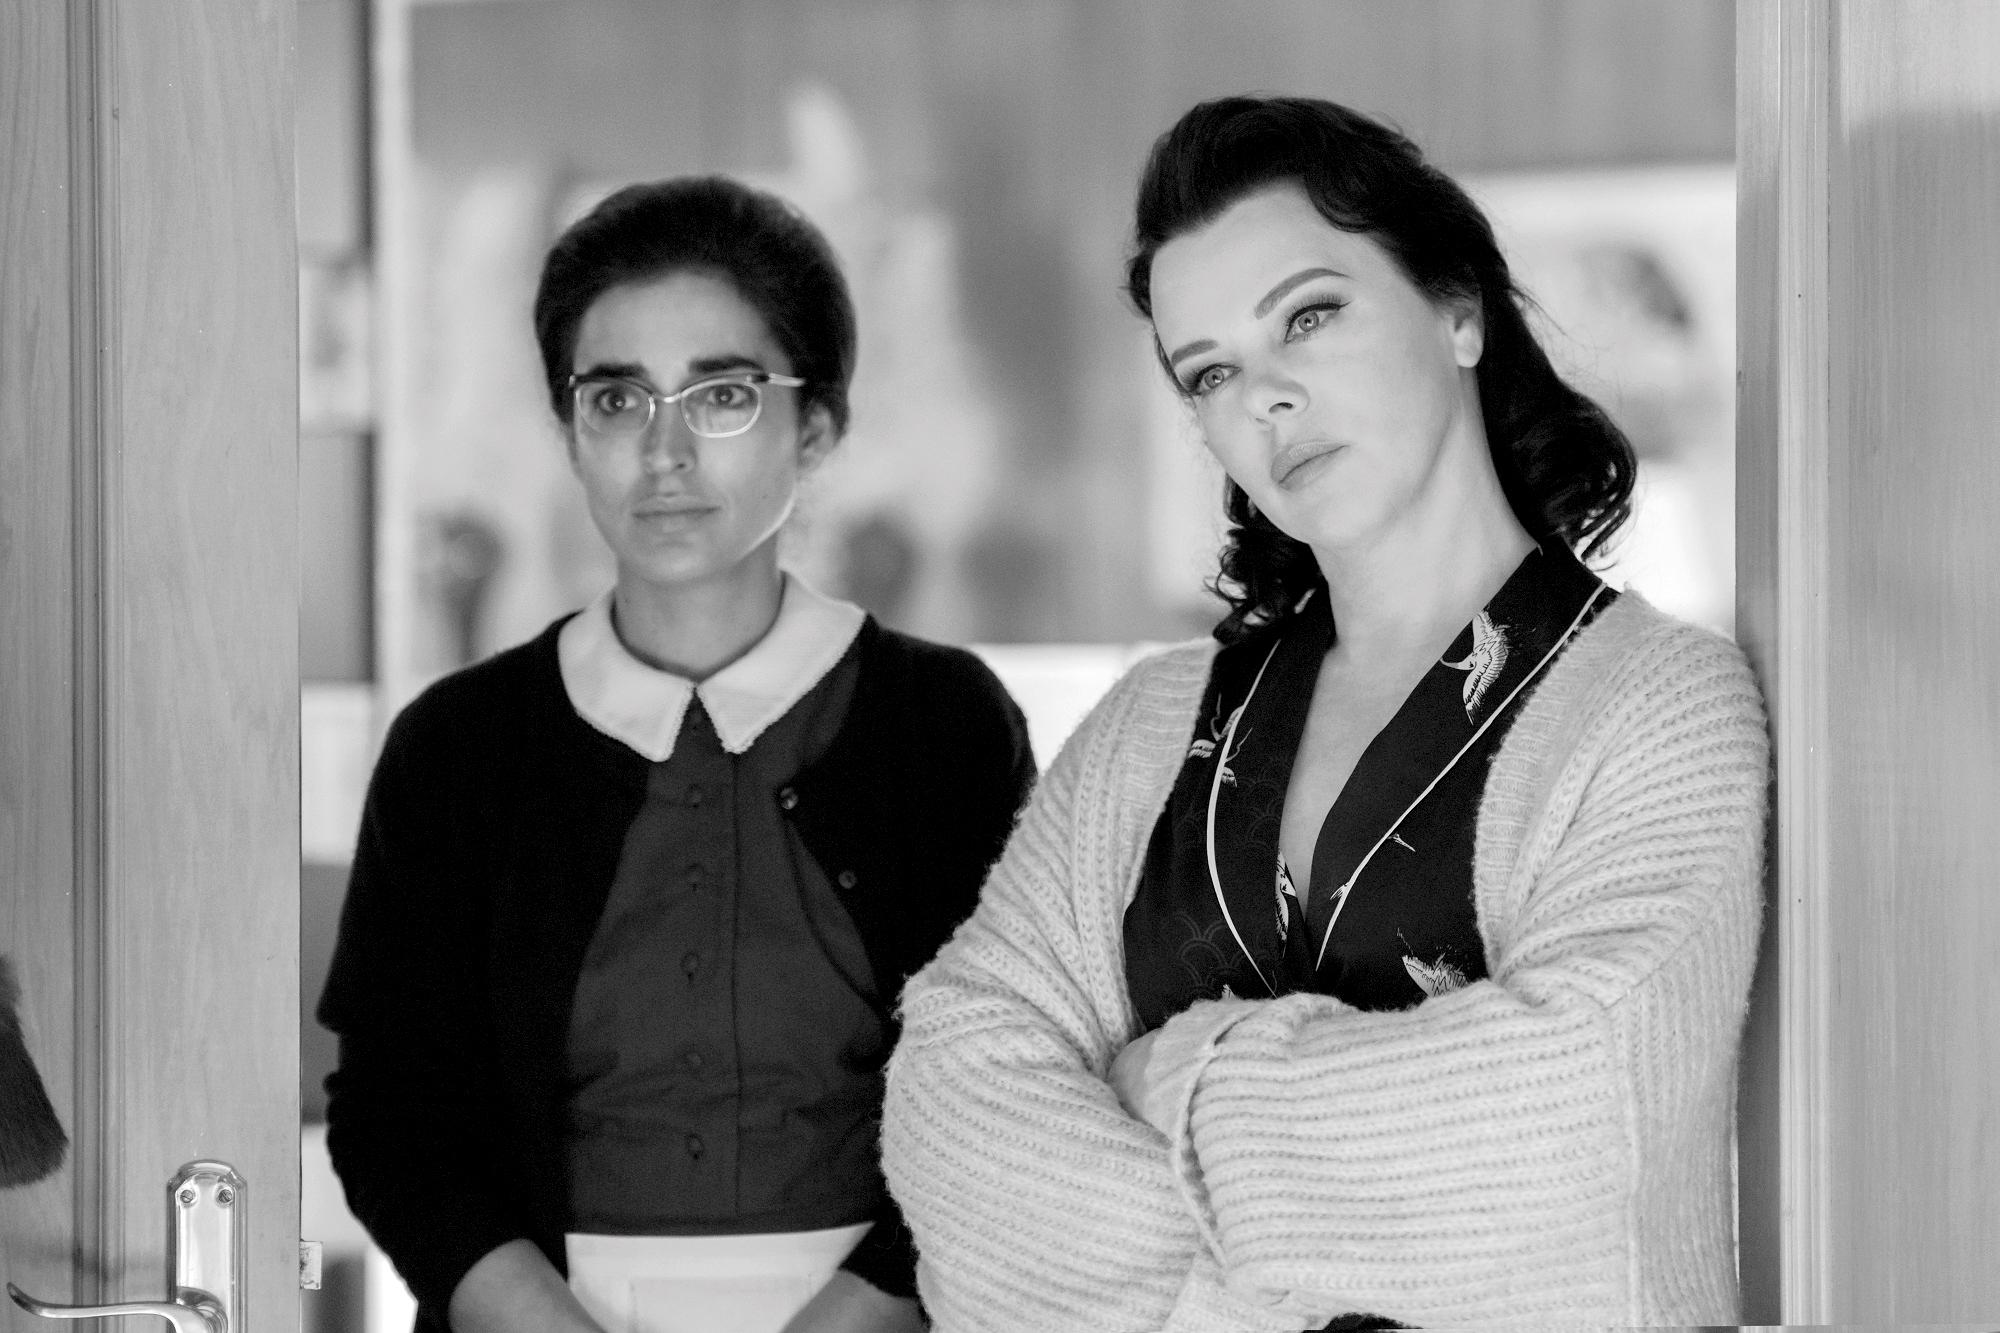 Inma Cuesta and Debi Mazar in Arde Madrid: Burn Madrid Burn